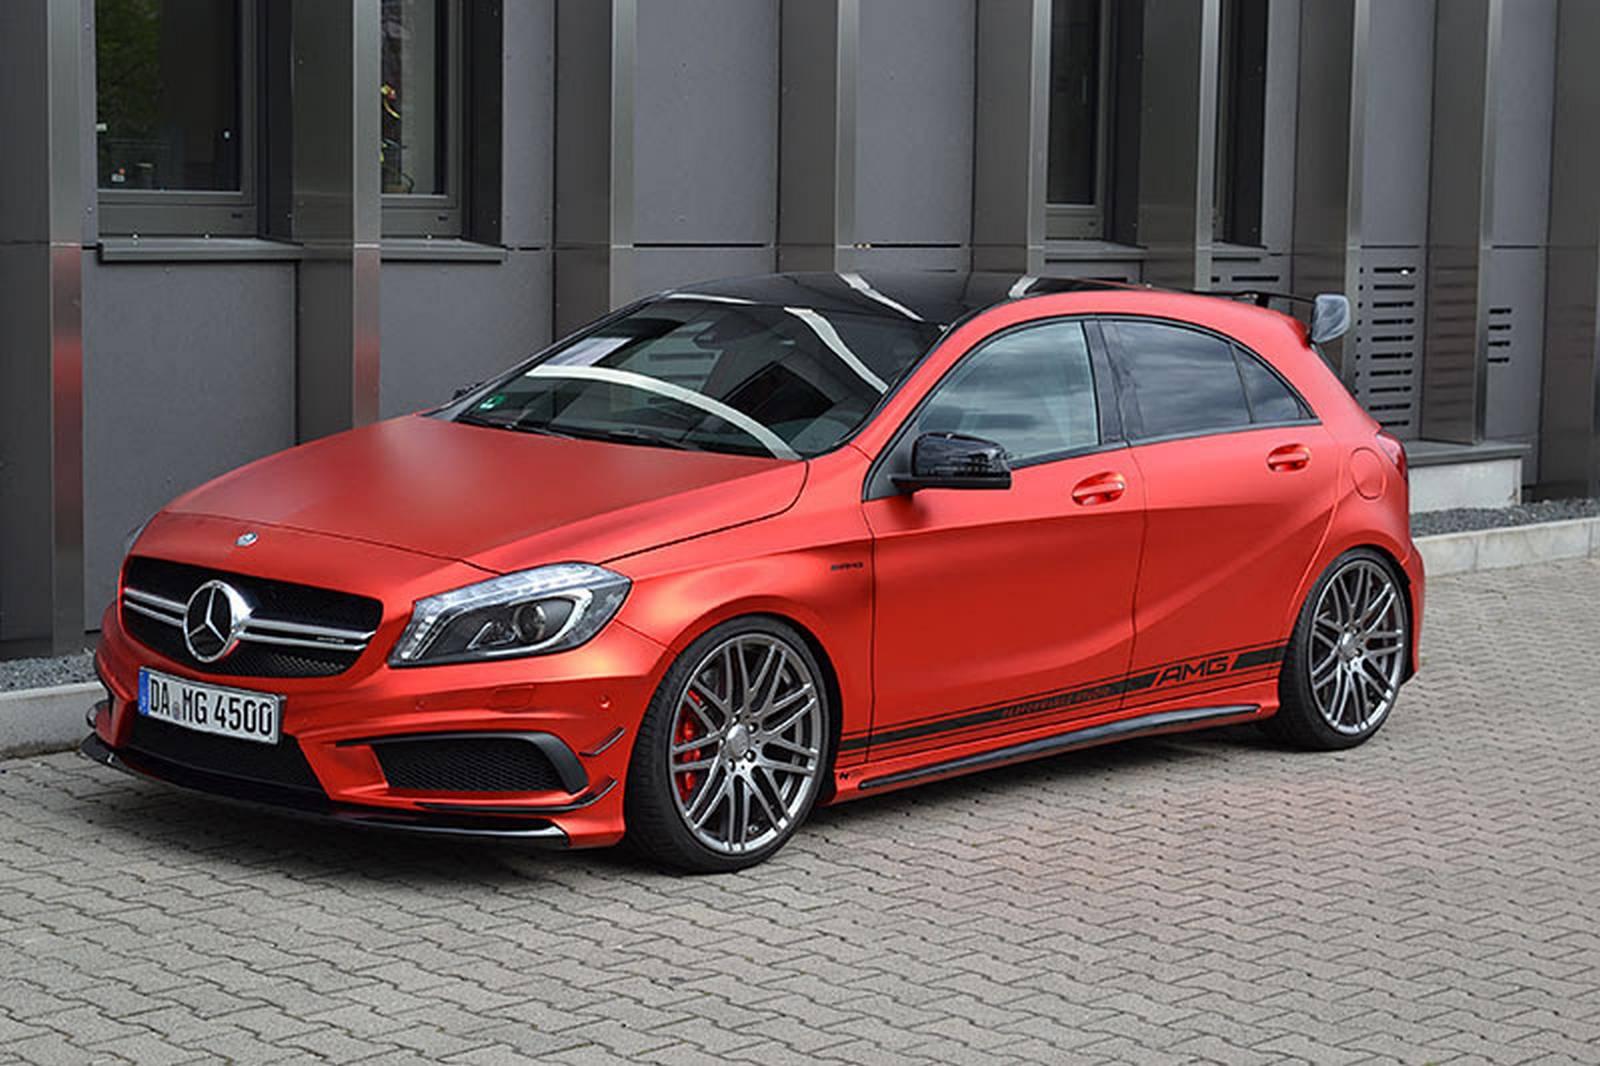 Mercedes benz a45 amg by folien experte gtspirit for Mercedes benz a45 amg for sale